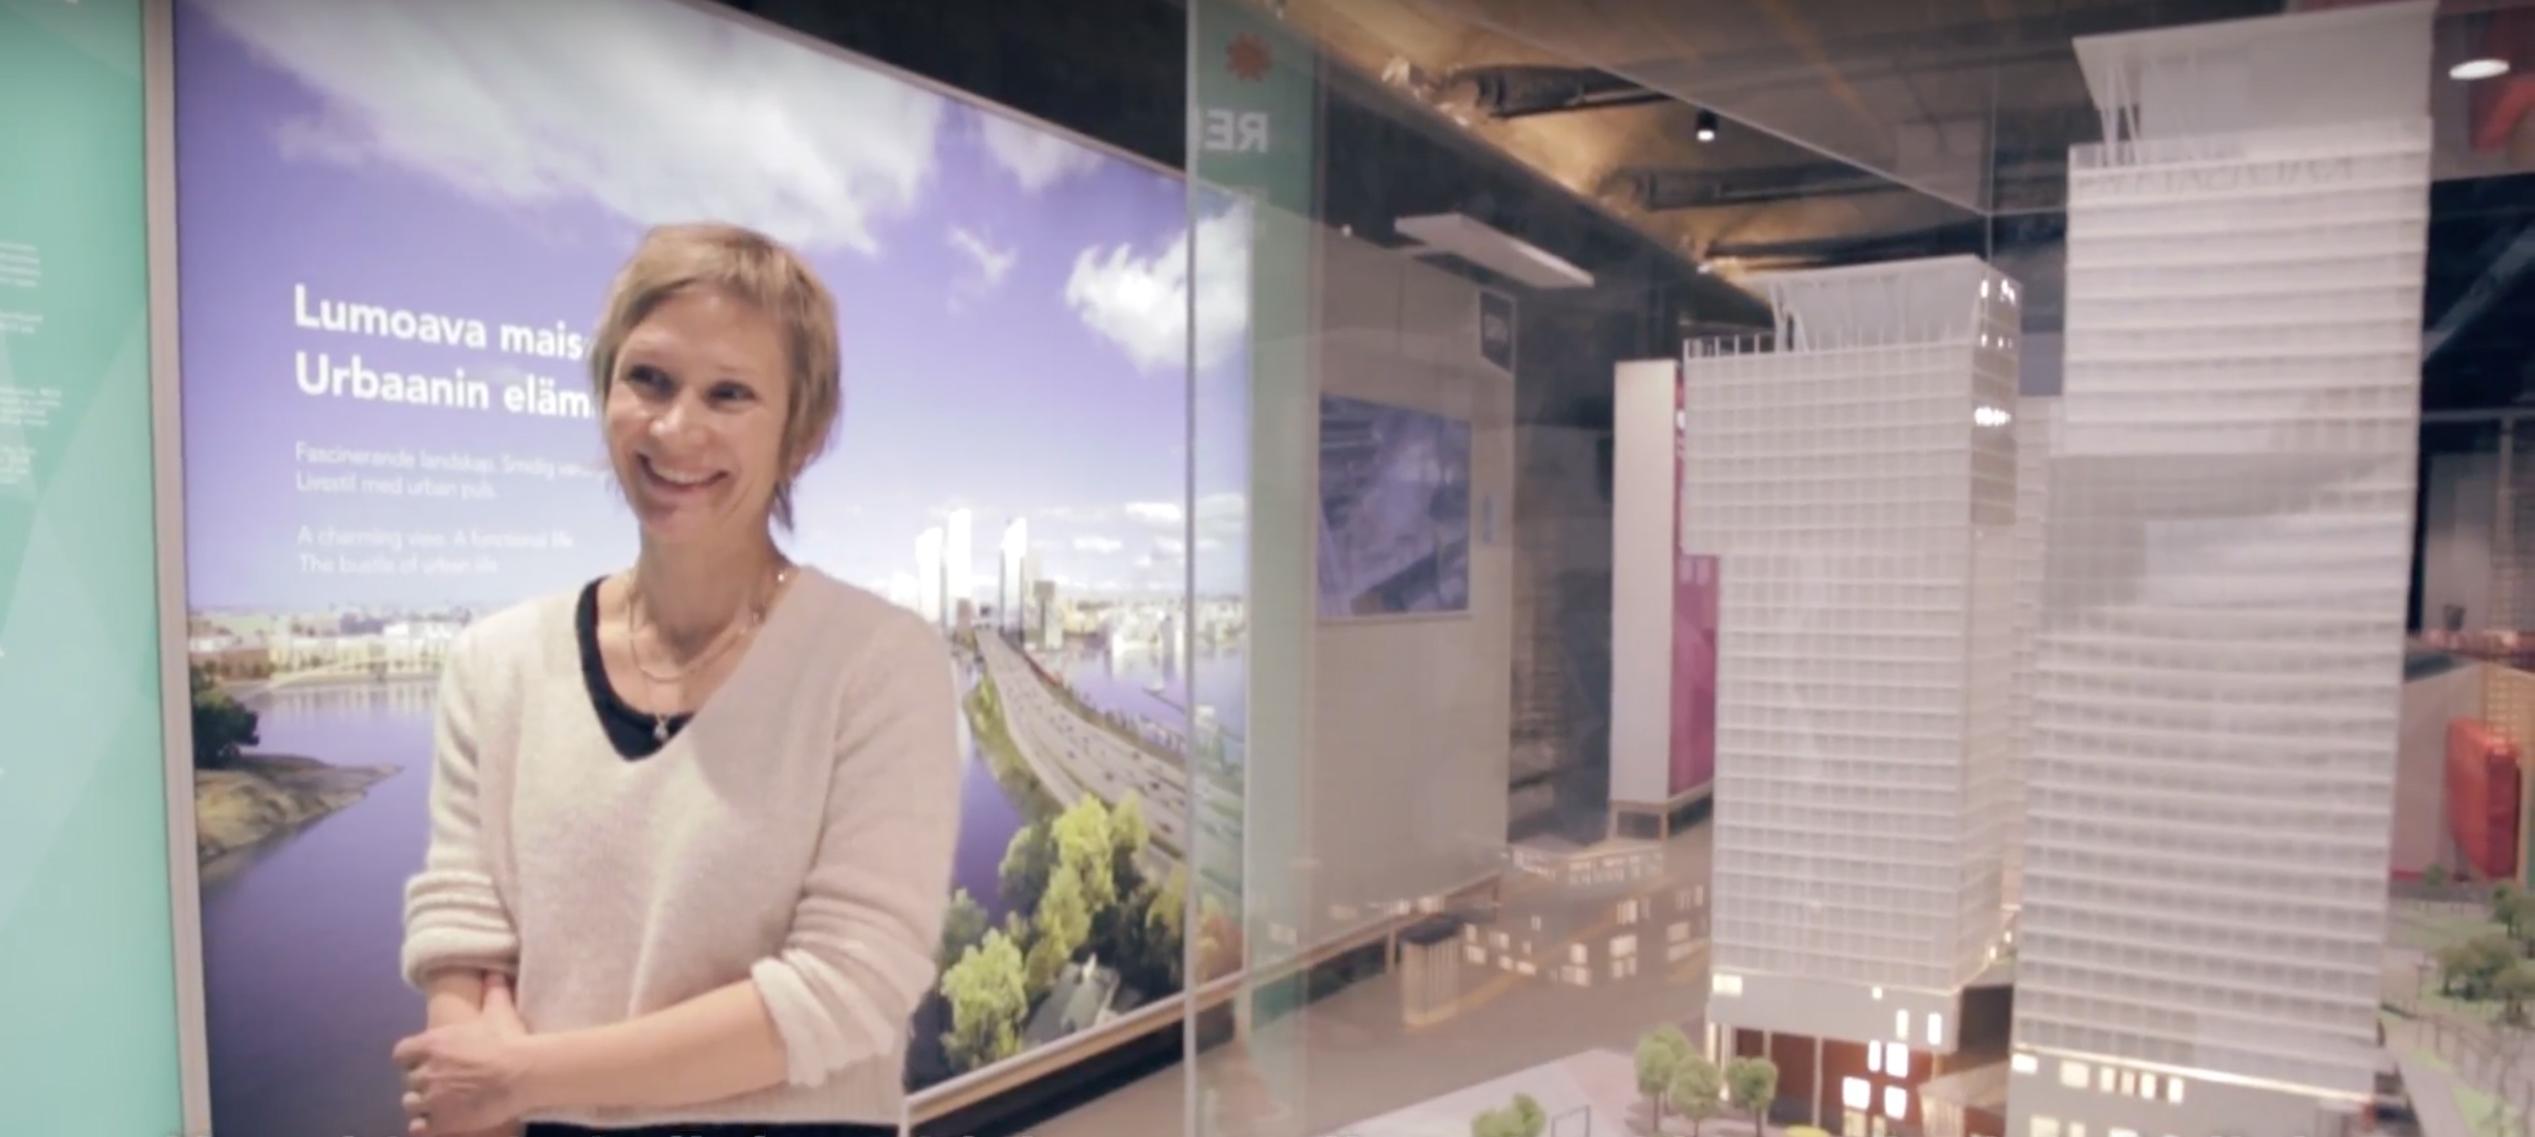 Cover for article 'Katso video: Nopeat kokeilut on uusi tapa kehittää kaupunkeja'